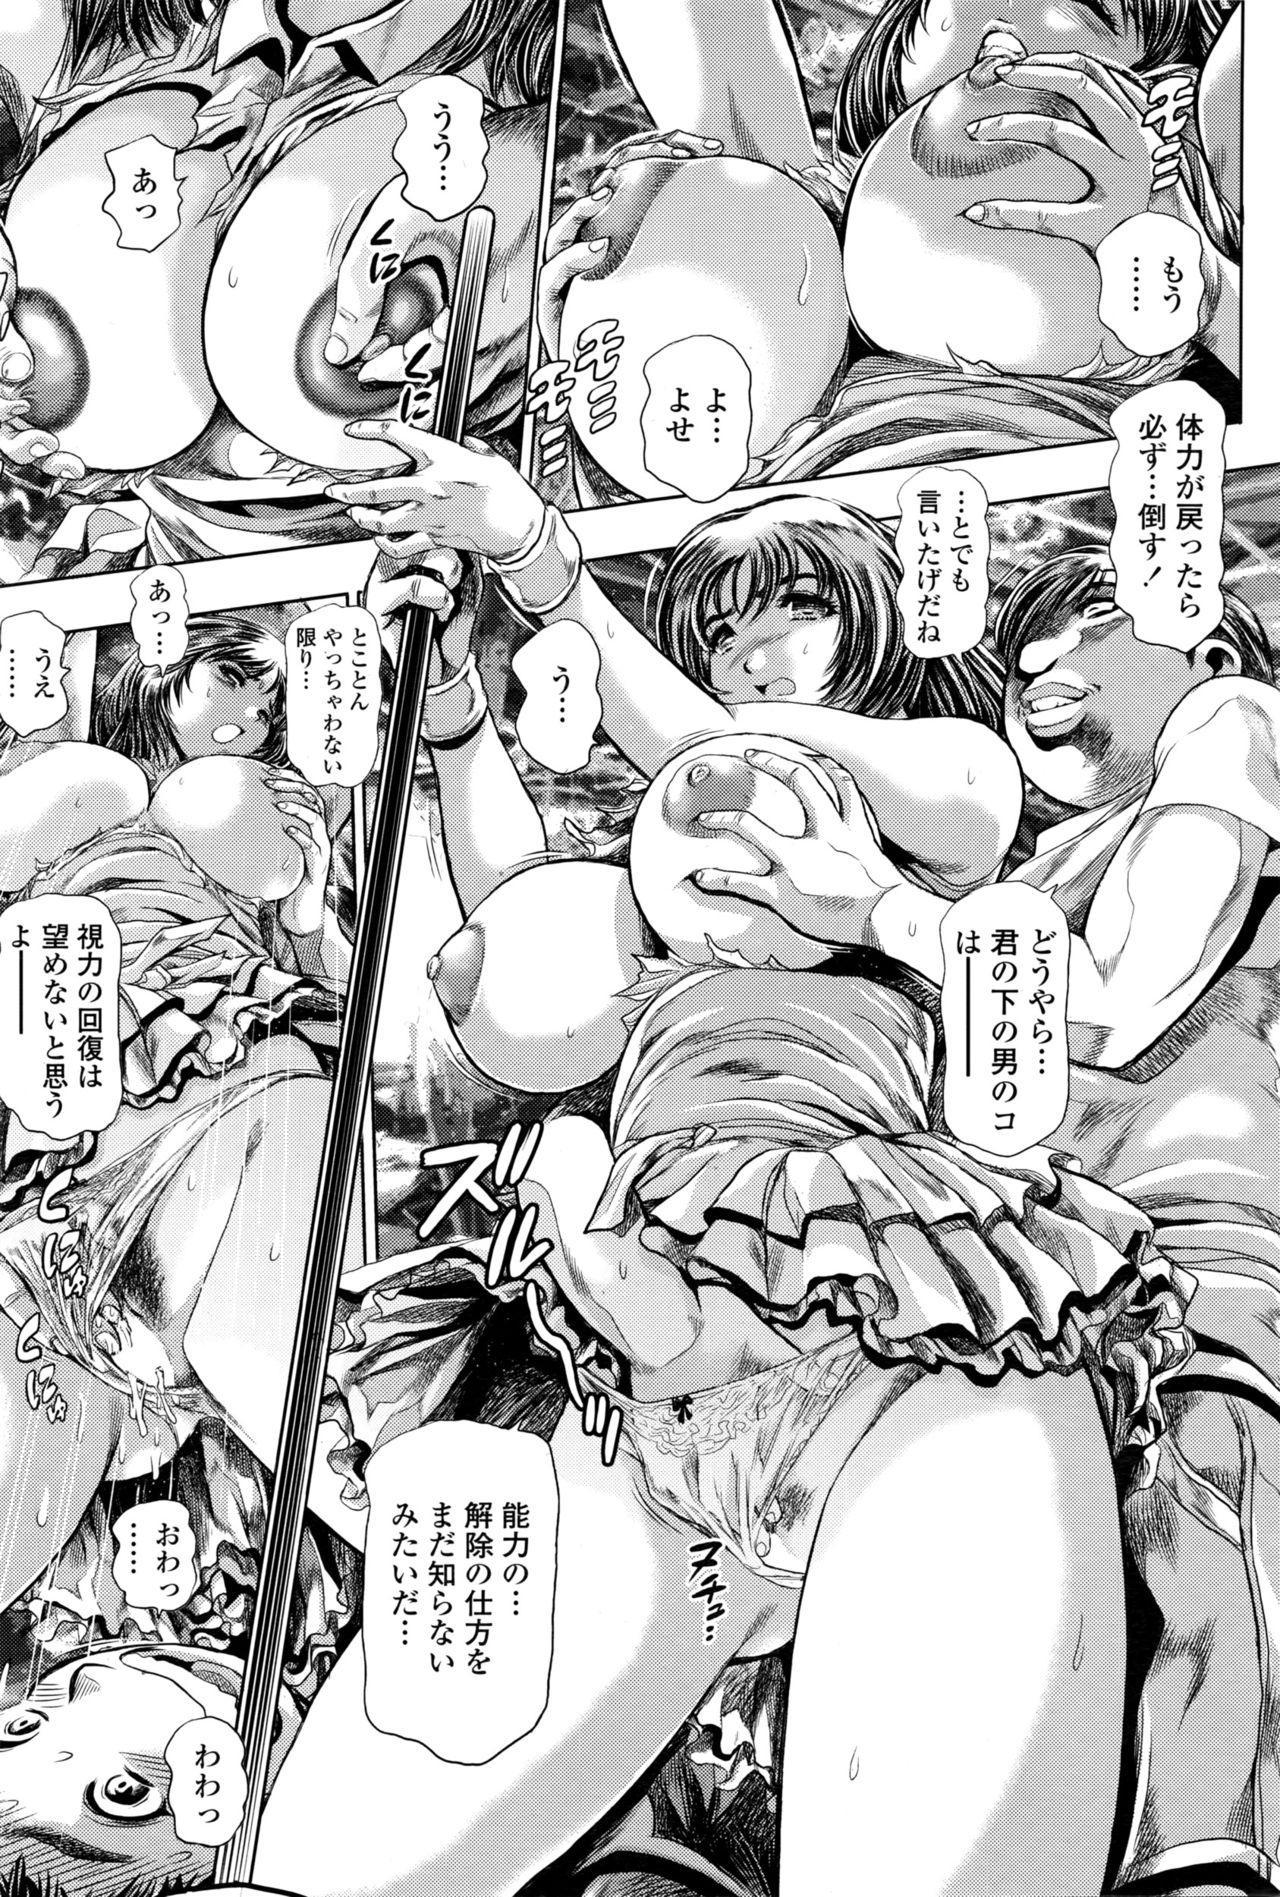 Keiko no Iru Machi S Ch. 1-10 26